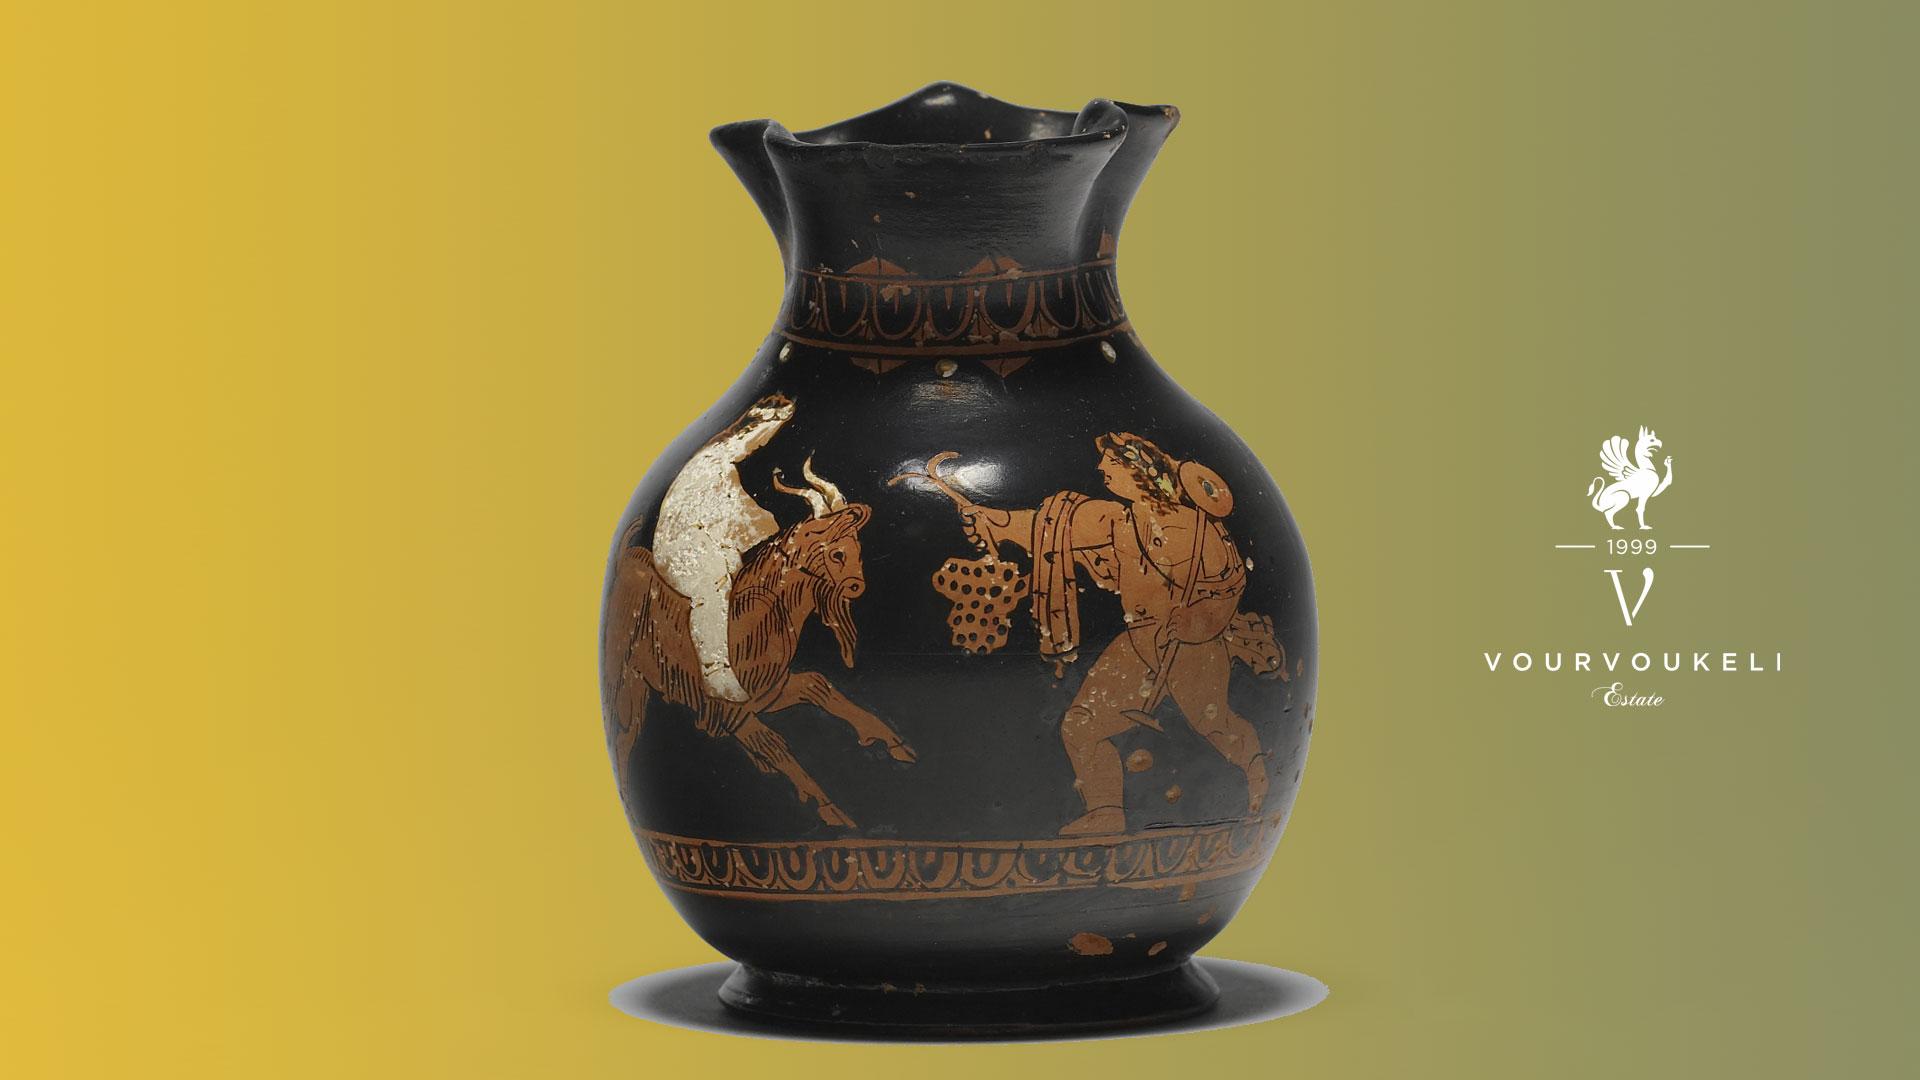 Αρχαίες Ελληνικές Ποικιλίες Κρασιού | Ancient Greek Wine Varieties.